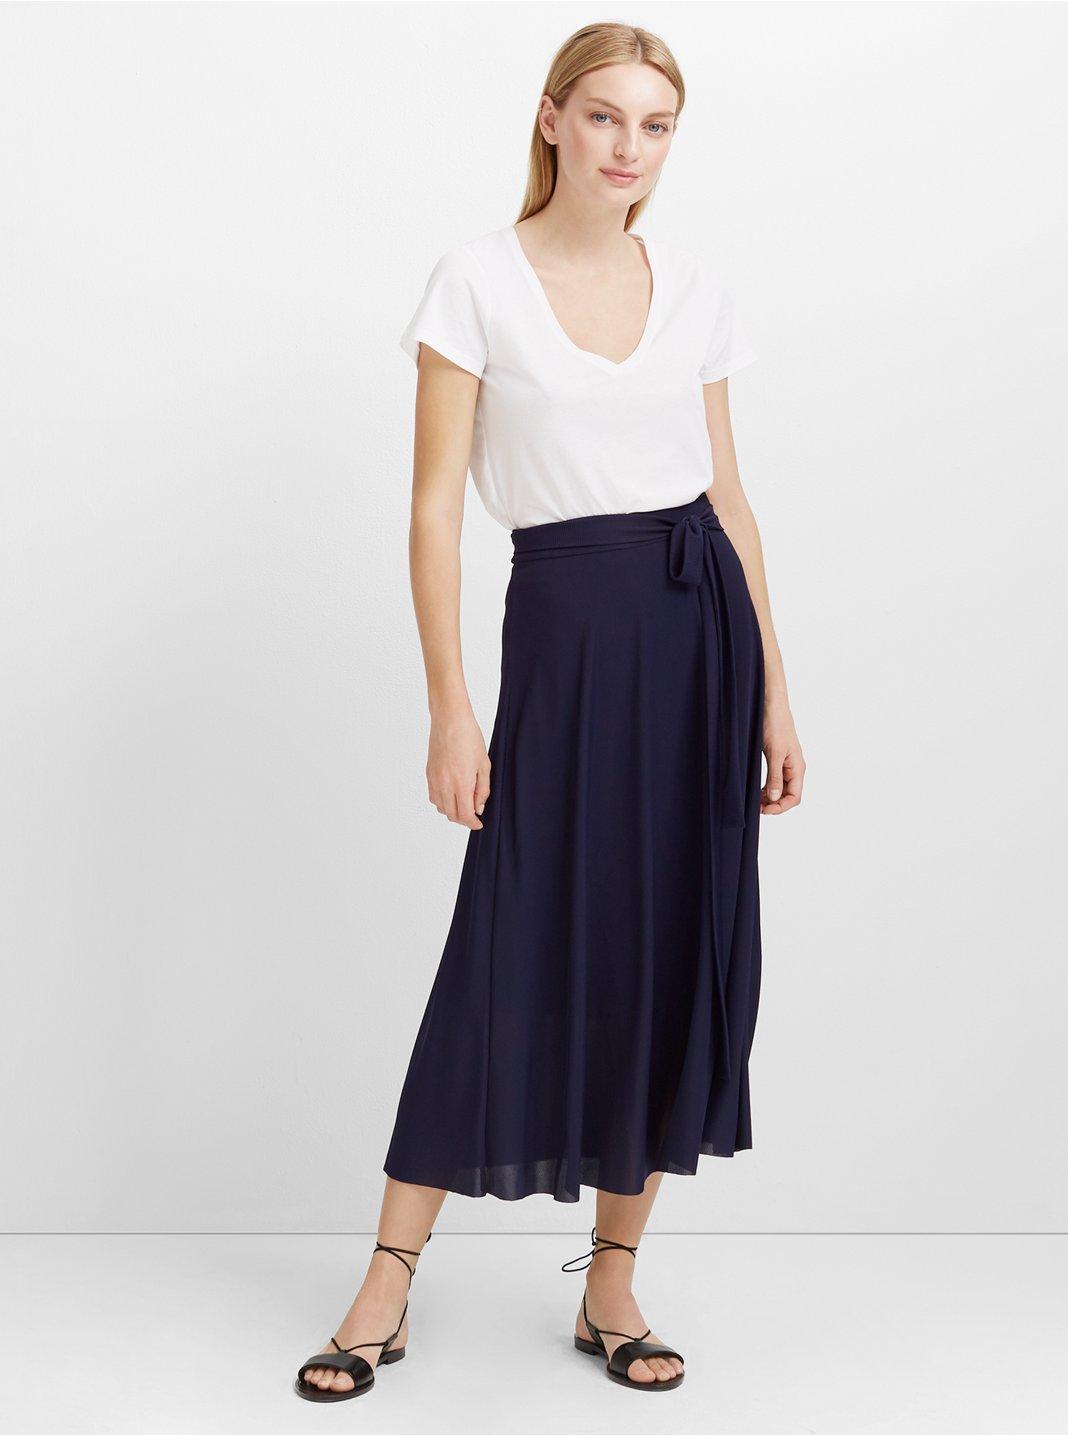 a55408a3ffd270 Womens Skirts | Club Monaco